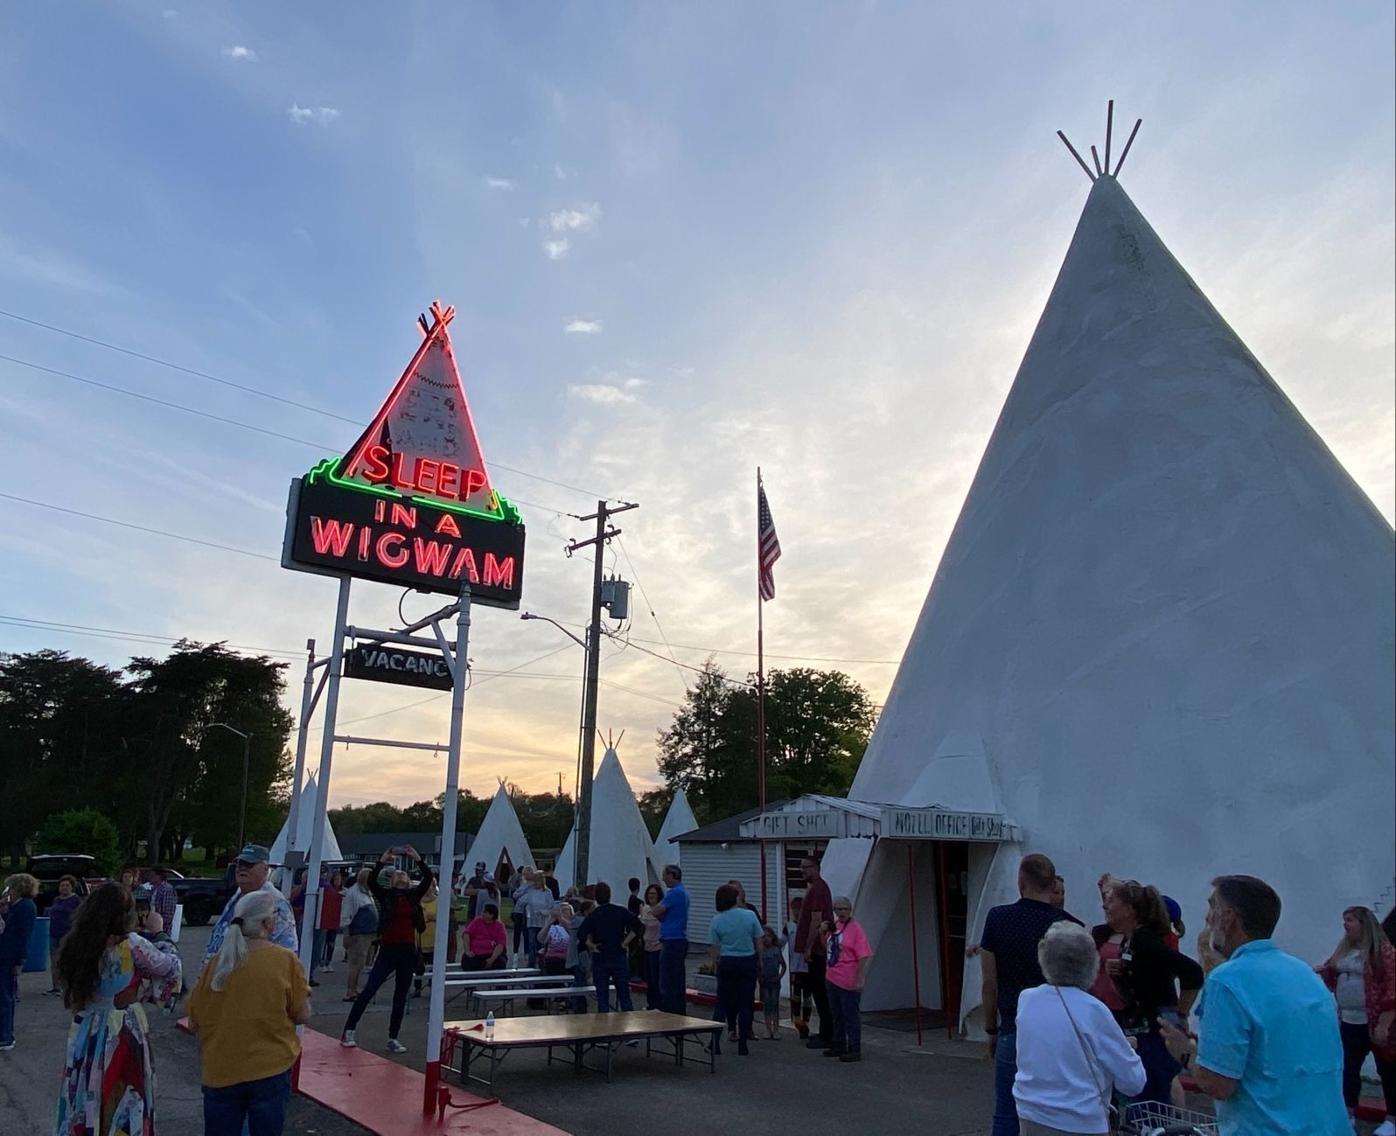 Historic Wigwam Village celebrates restoration of iconic sign